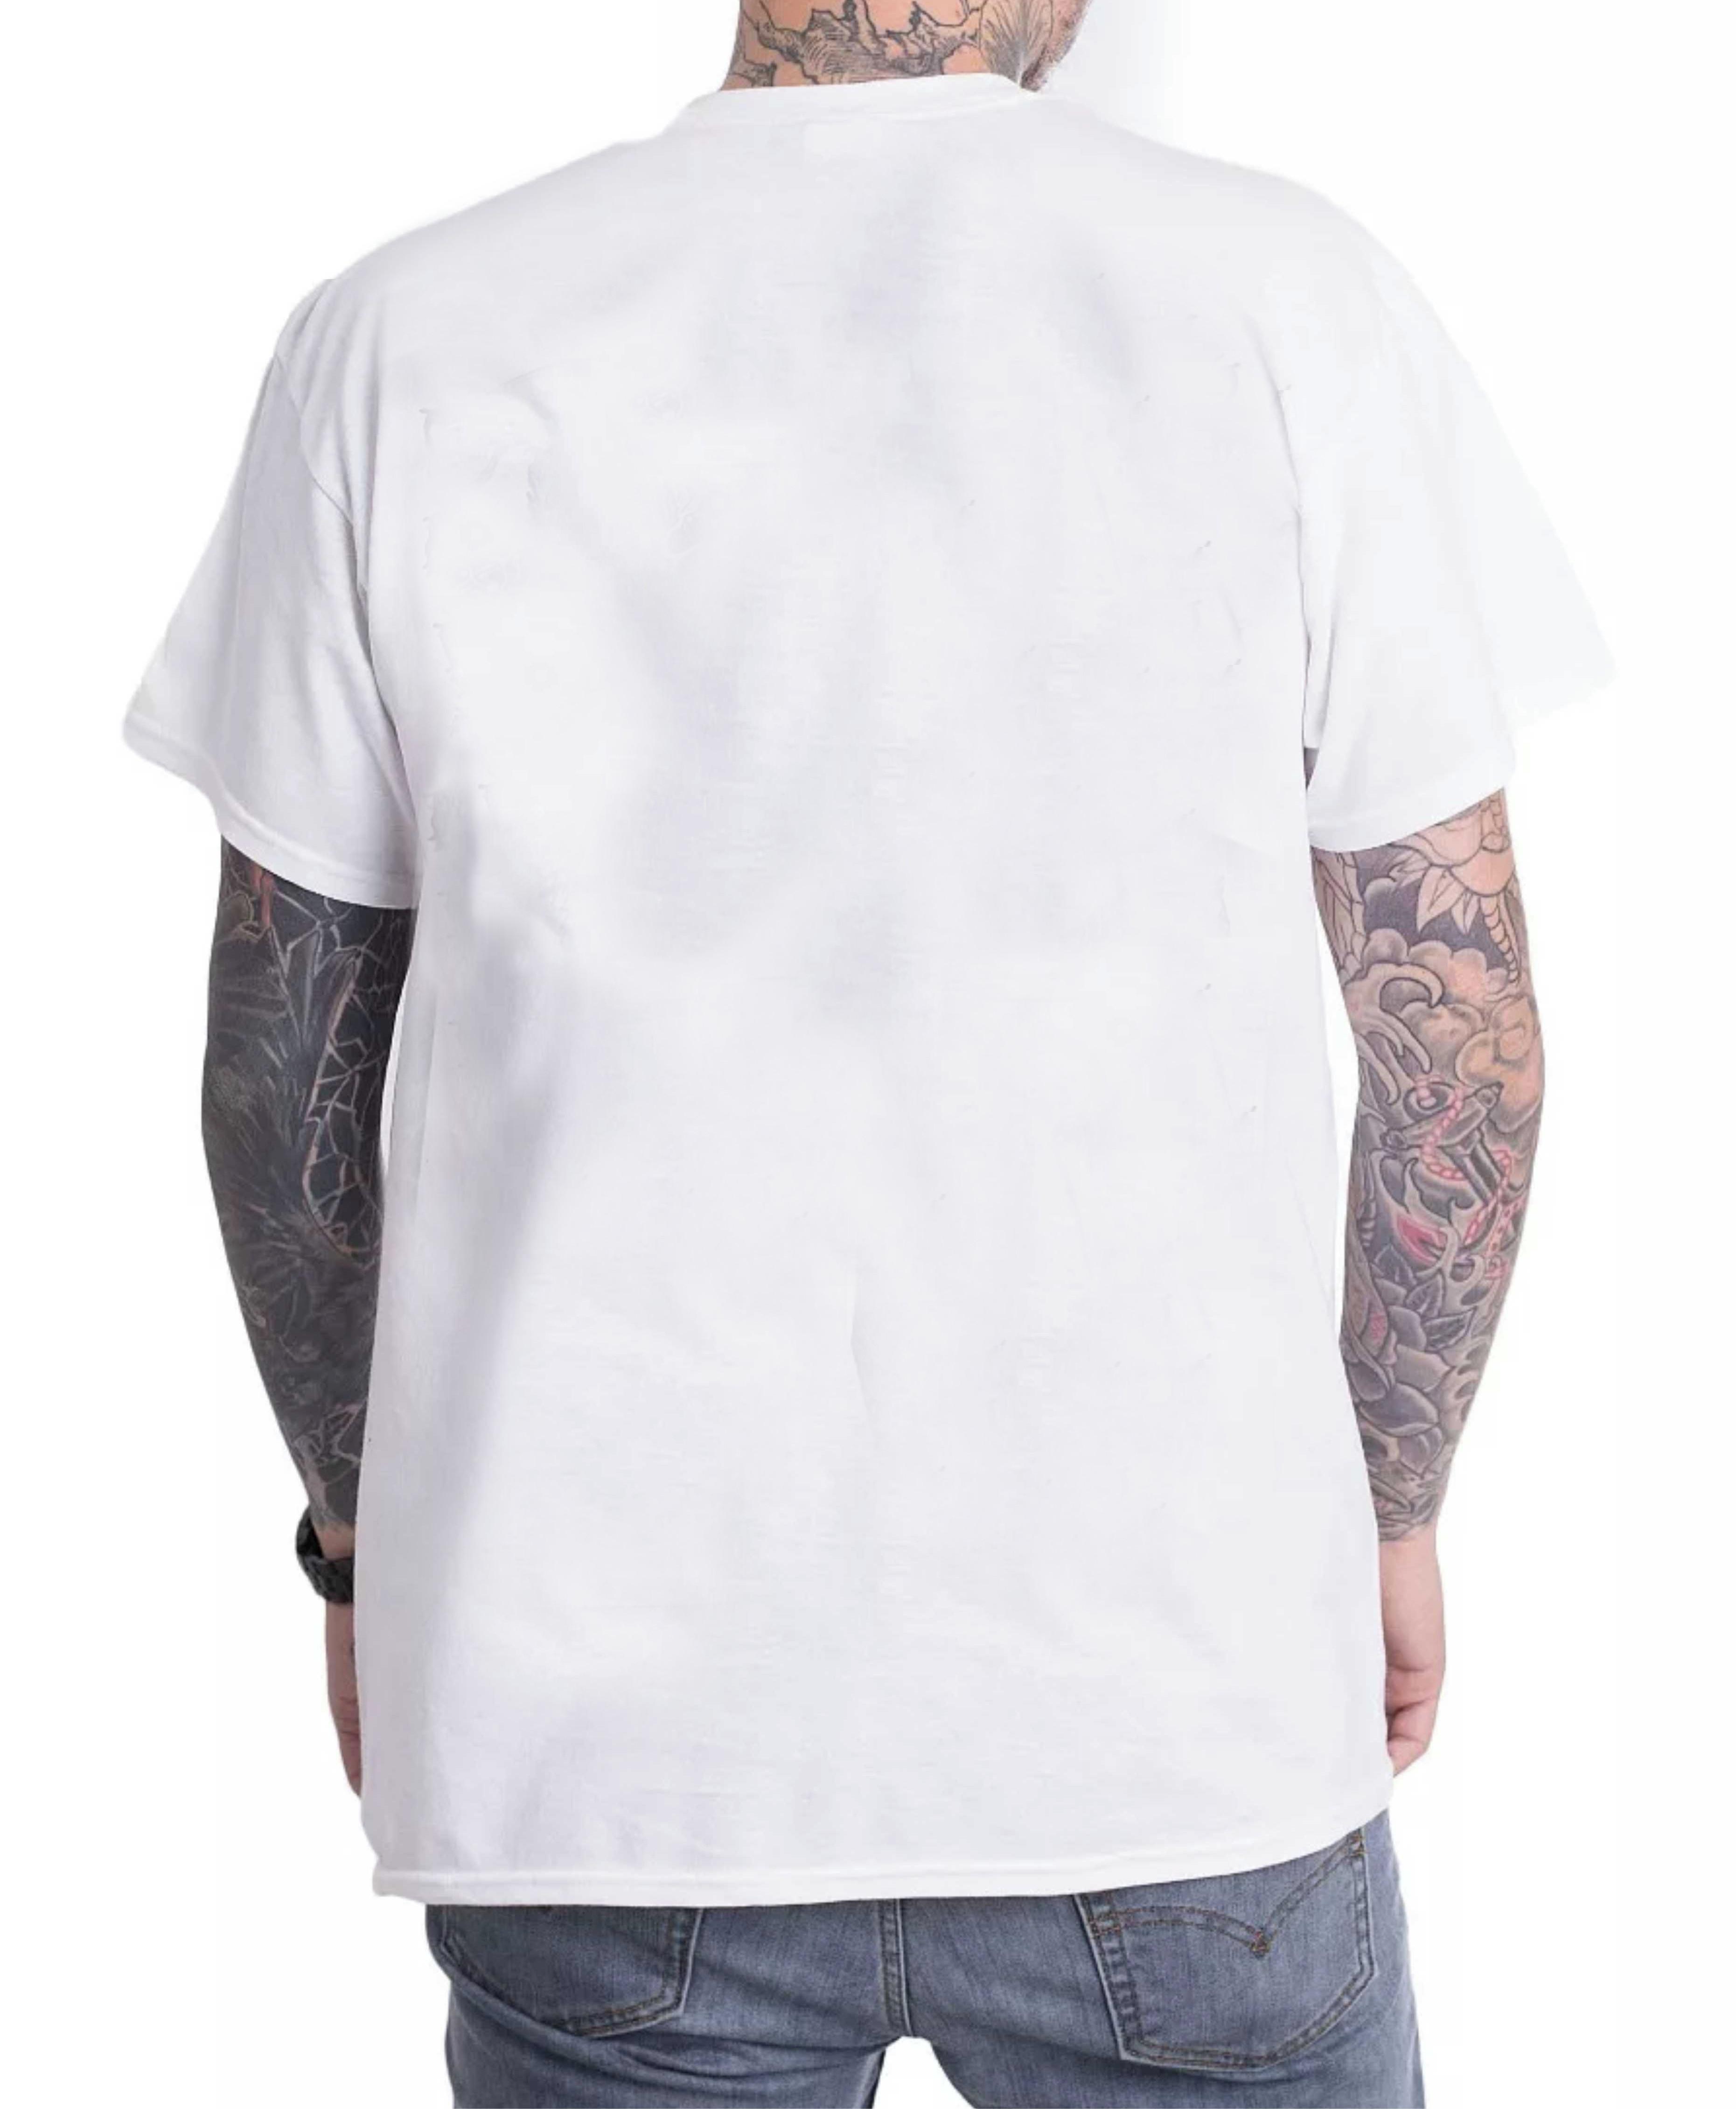 8a06d63f282 Camiseta Camisa Personalizada Jogador Michael Jordan 16 no Elo7 ...